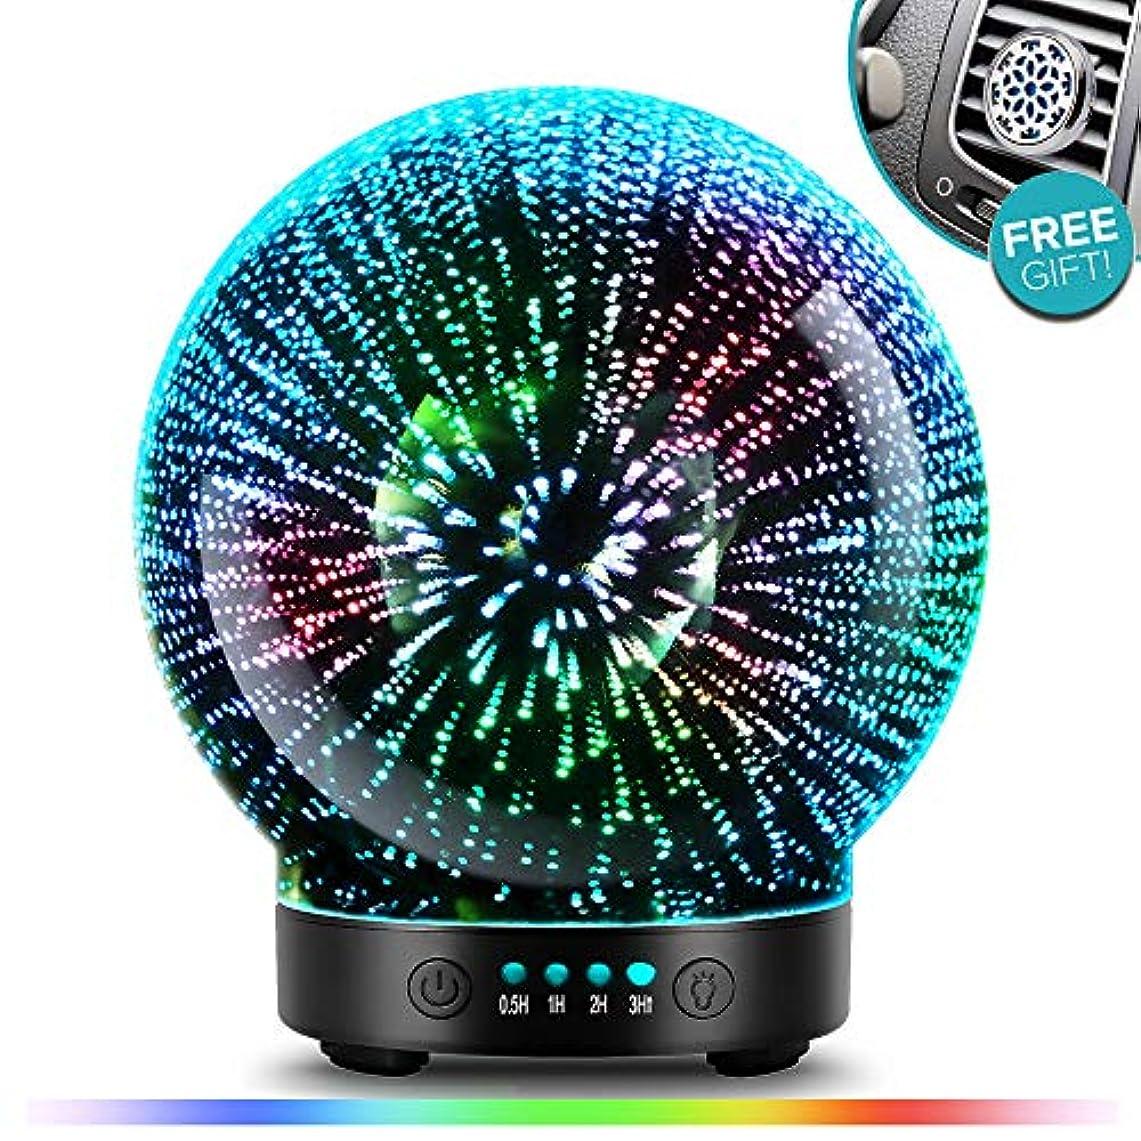 乳製品脆い転用POBEES 3グラスアロマエッセンシャルオイルディフューザー - 最新バージョン 香り オイル加湿器7 花火 テーマプレミアム超音波ミスト自動オフ安全スイッチカーベントクリップカラー照明モードを主導